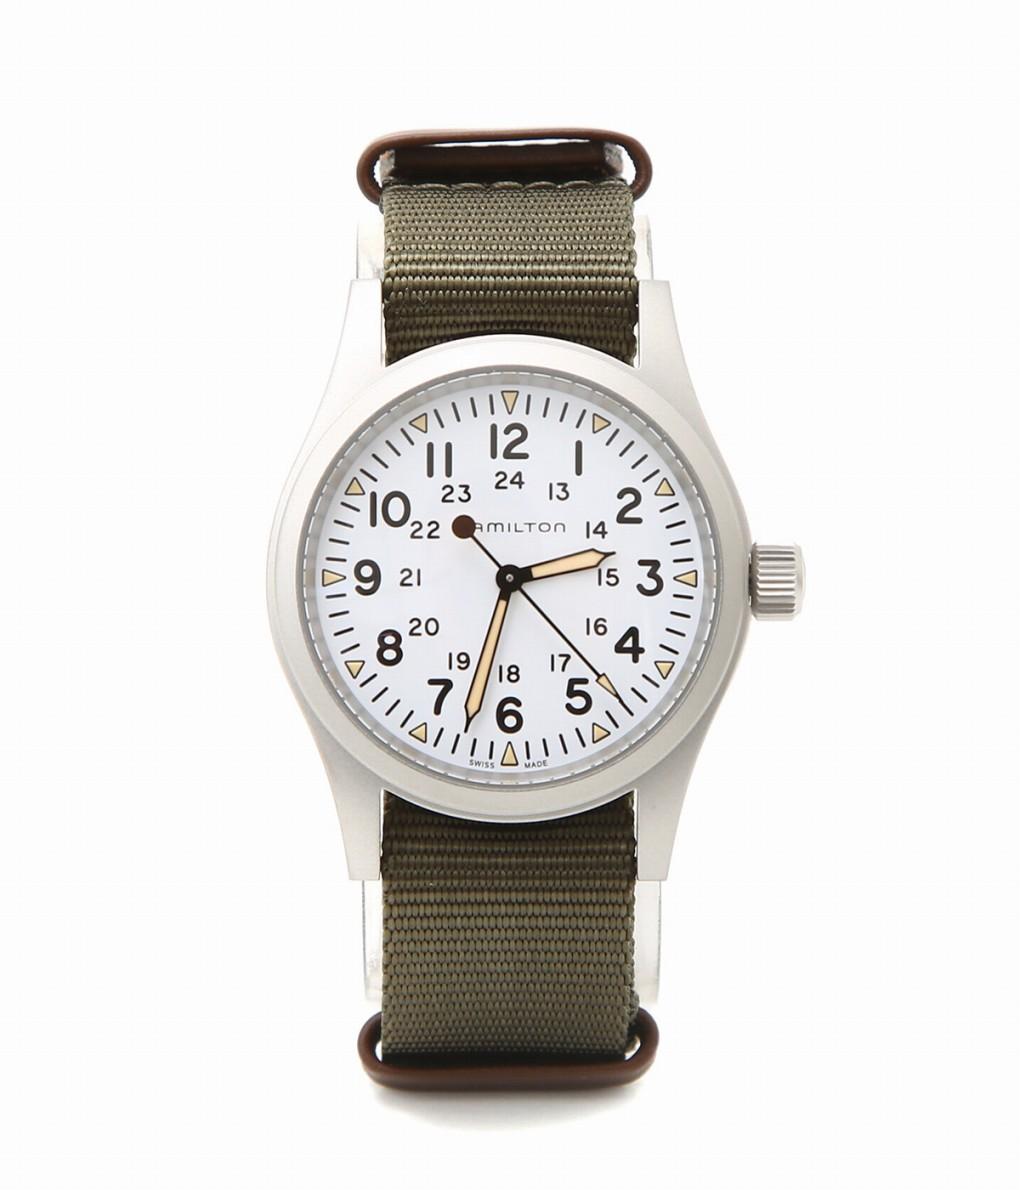 HAMILTON / ハミルトン : カーキ フィールド メカ : カーキ フィールド メカ ハミルトン 腕時計 時計 メンズ : H69439411 【MUS】